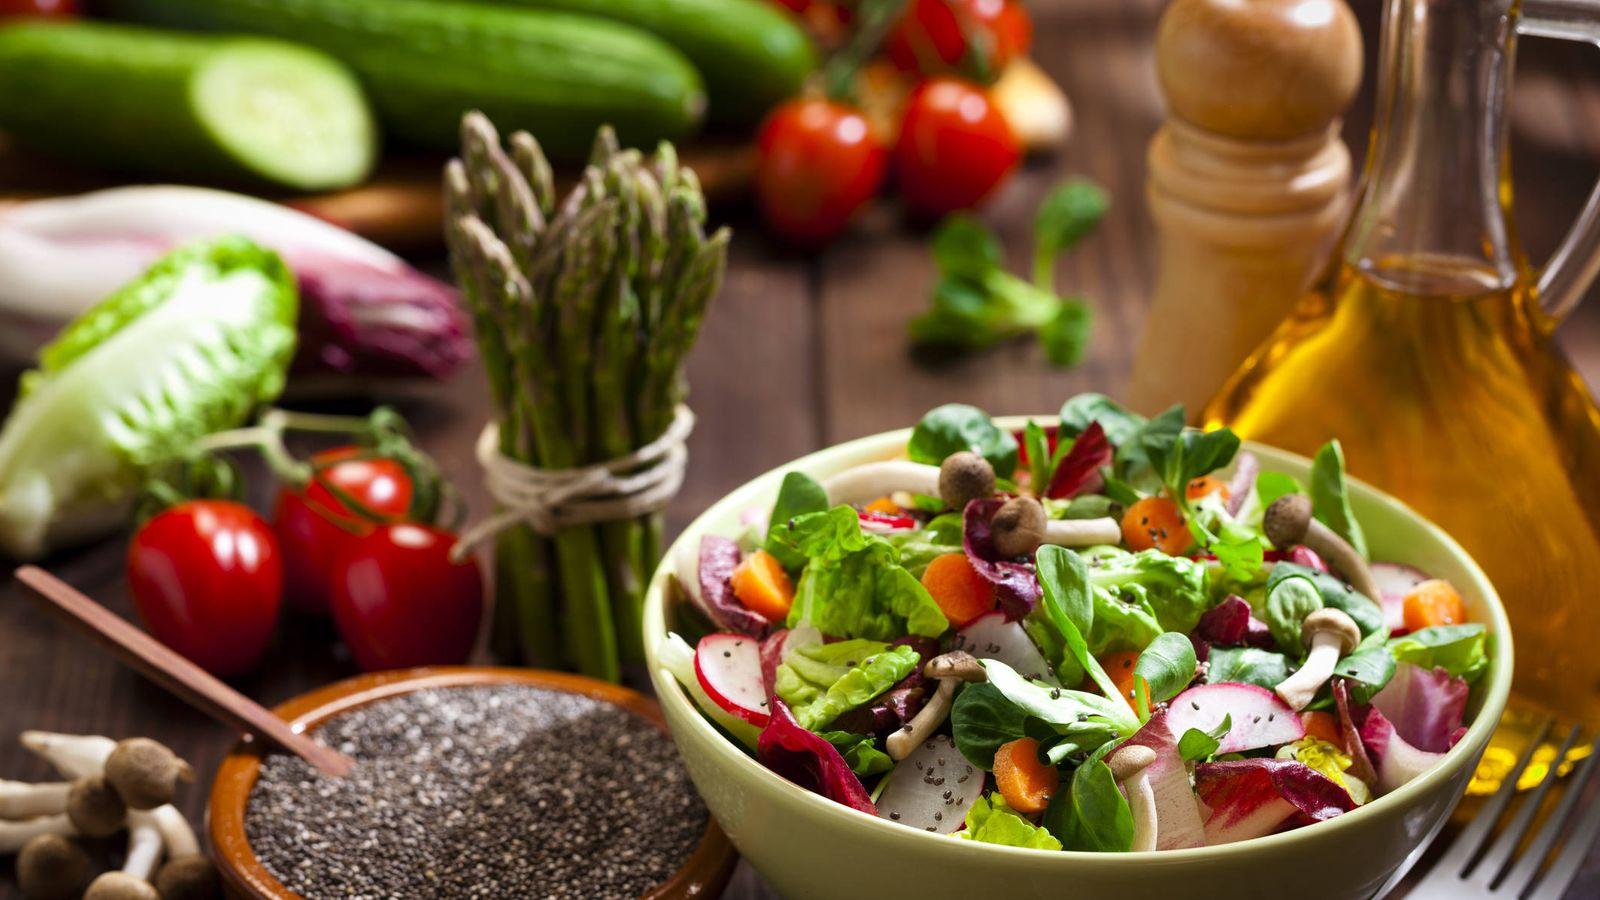 Beneficios de salud del veganismo